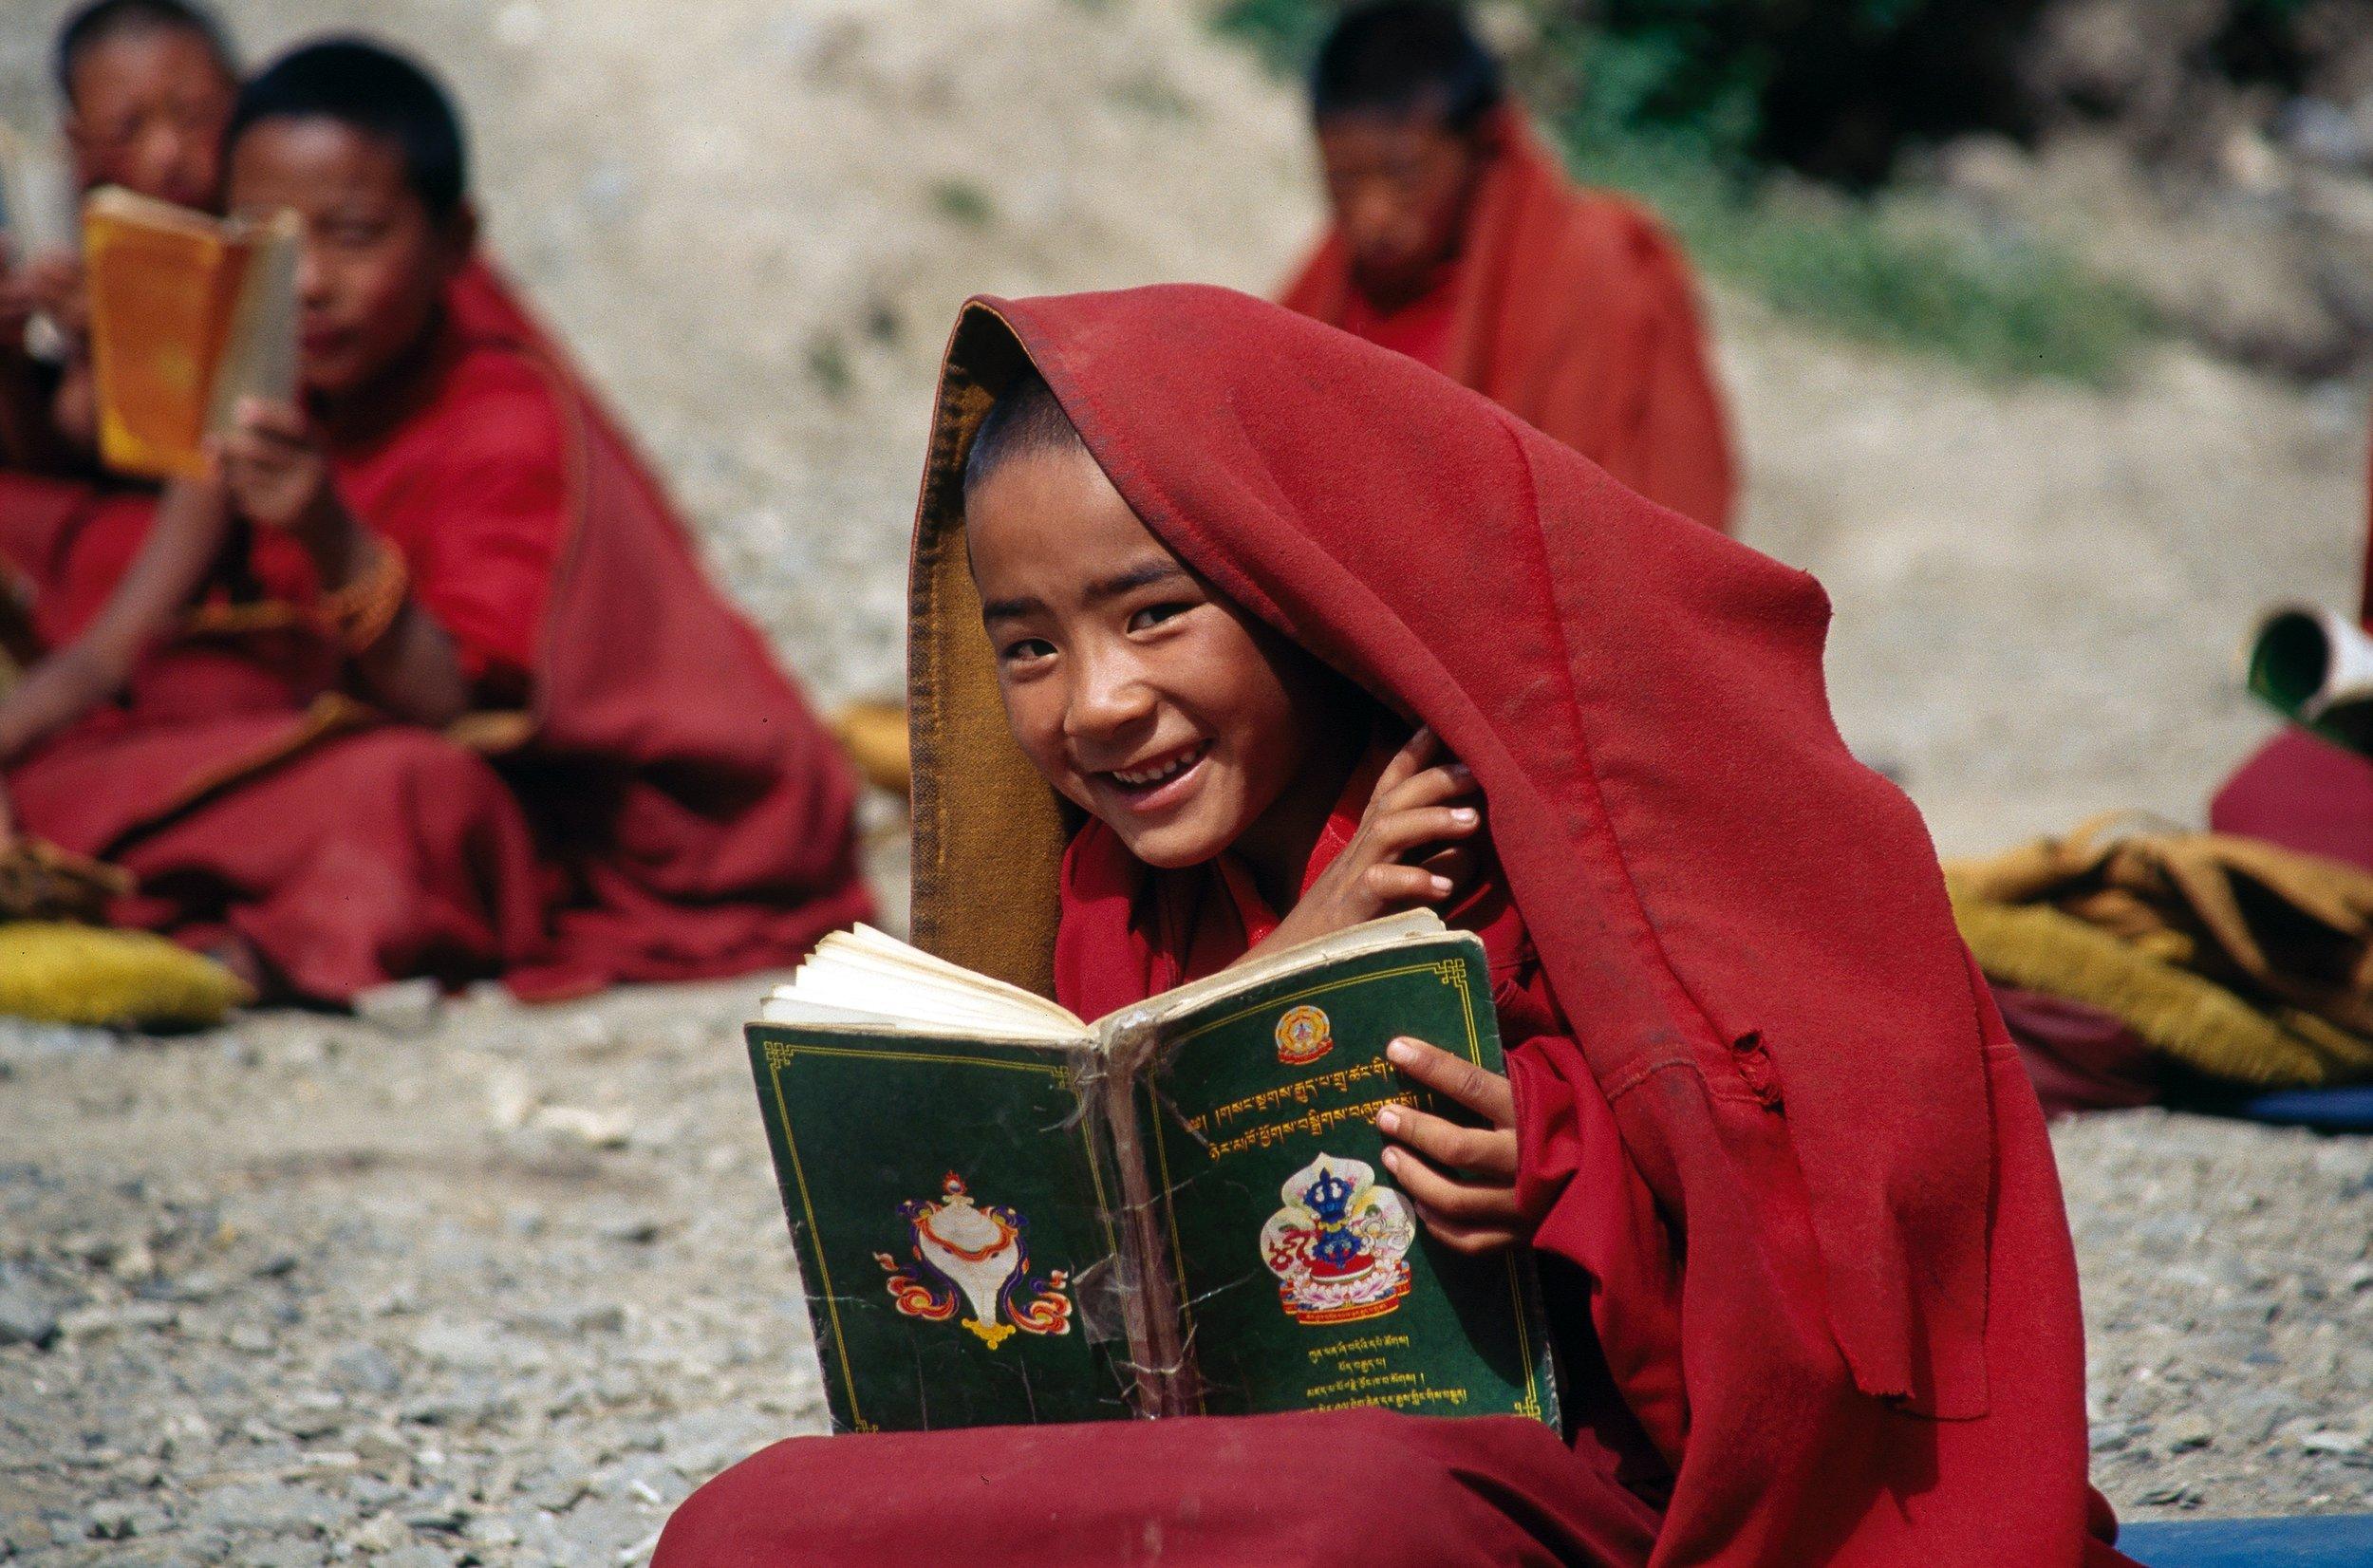 他们只要一见到你就笑,尽管与部分藏民语言不通,但他们的热情却是实实在在能感受到的。那里的小孩儿也特别可爱,熟了之后闹哄哄的,一见到你就要冲上来抱你。